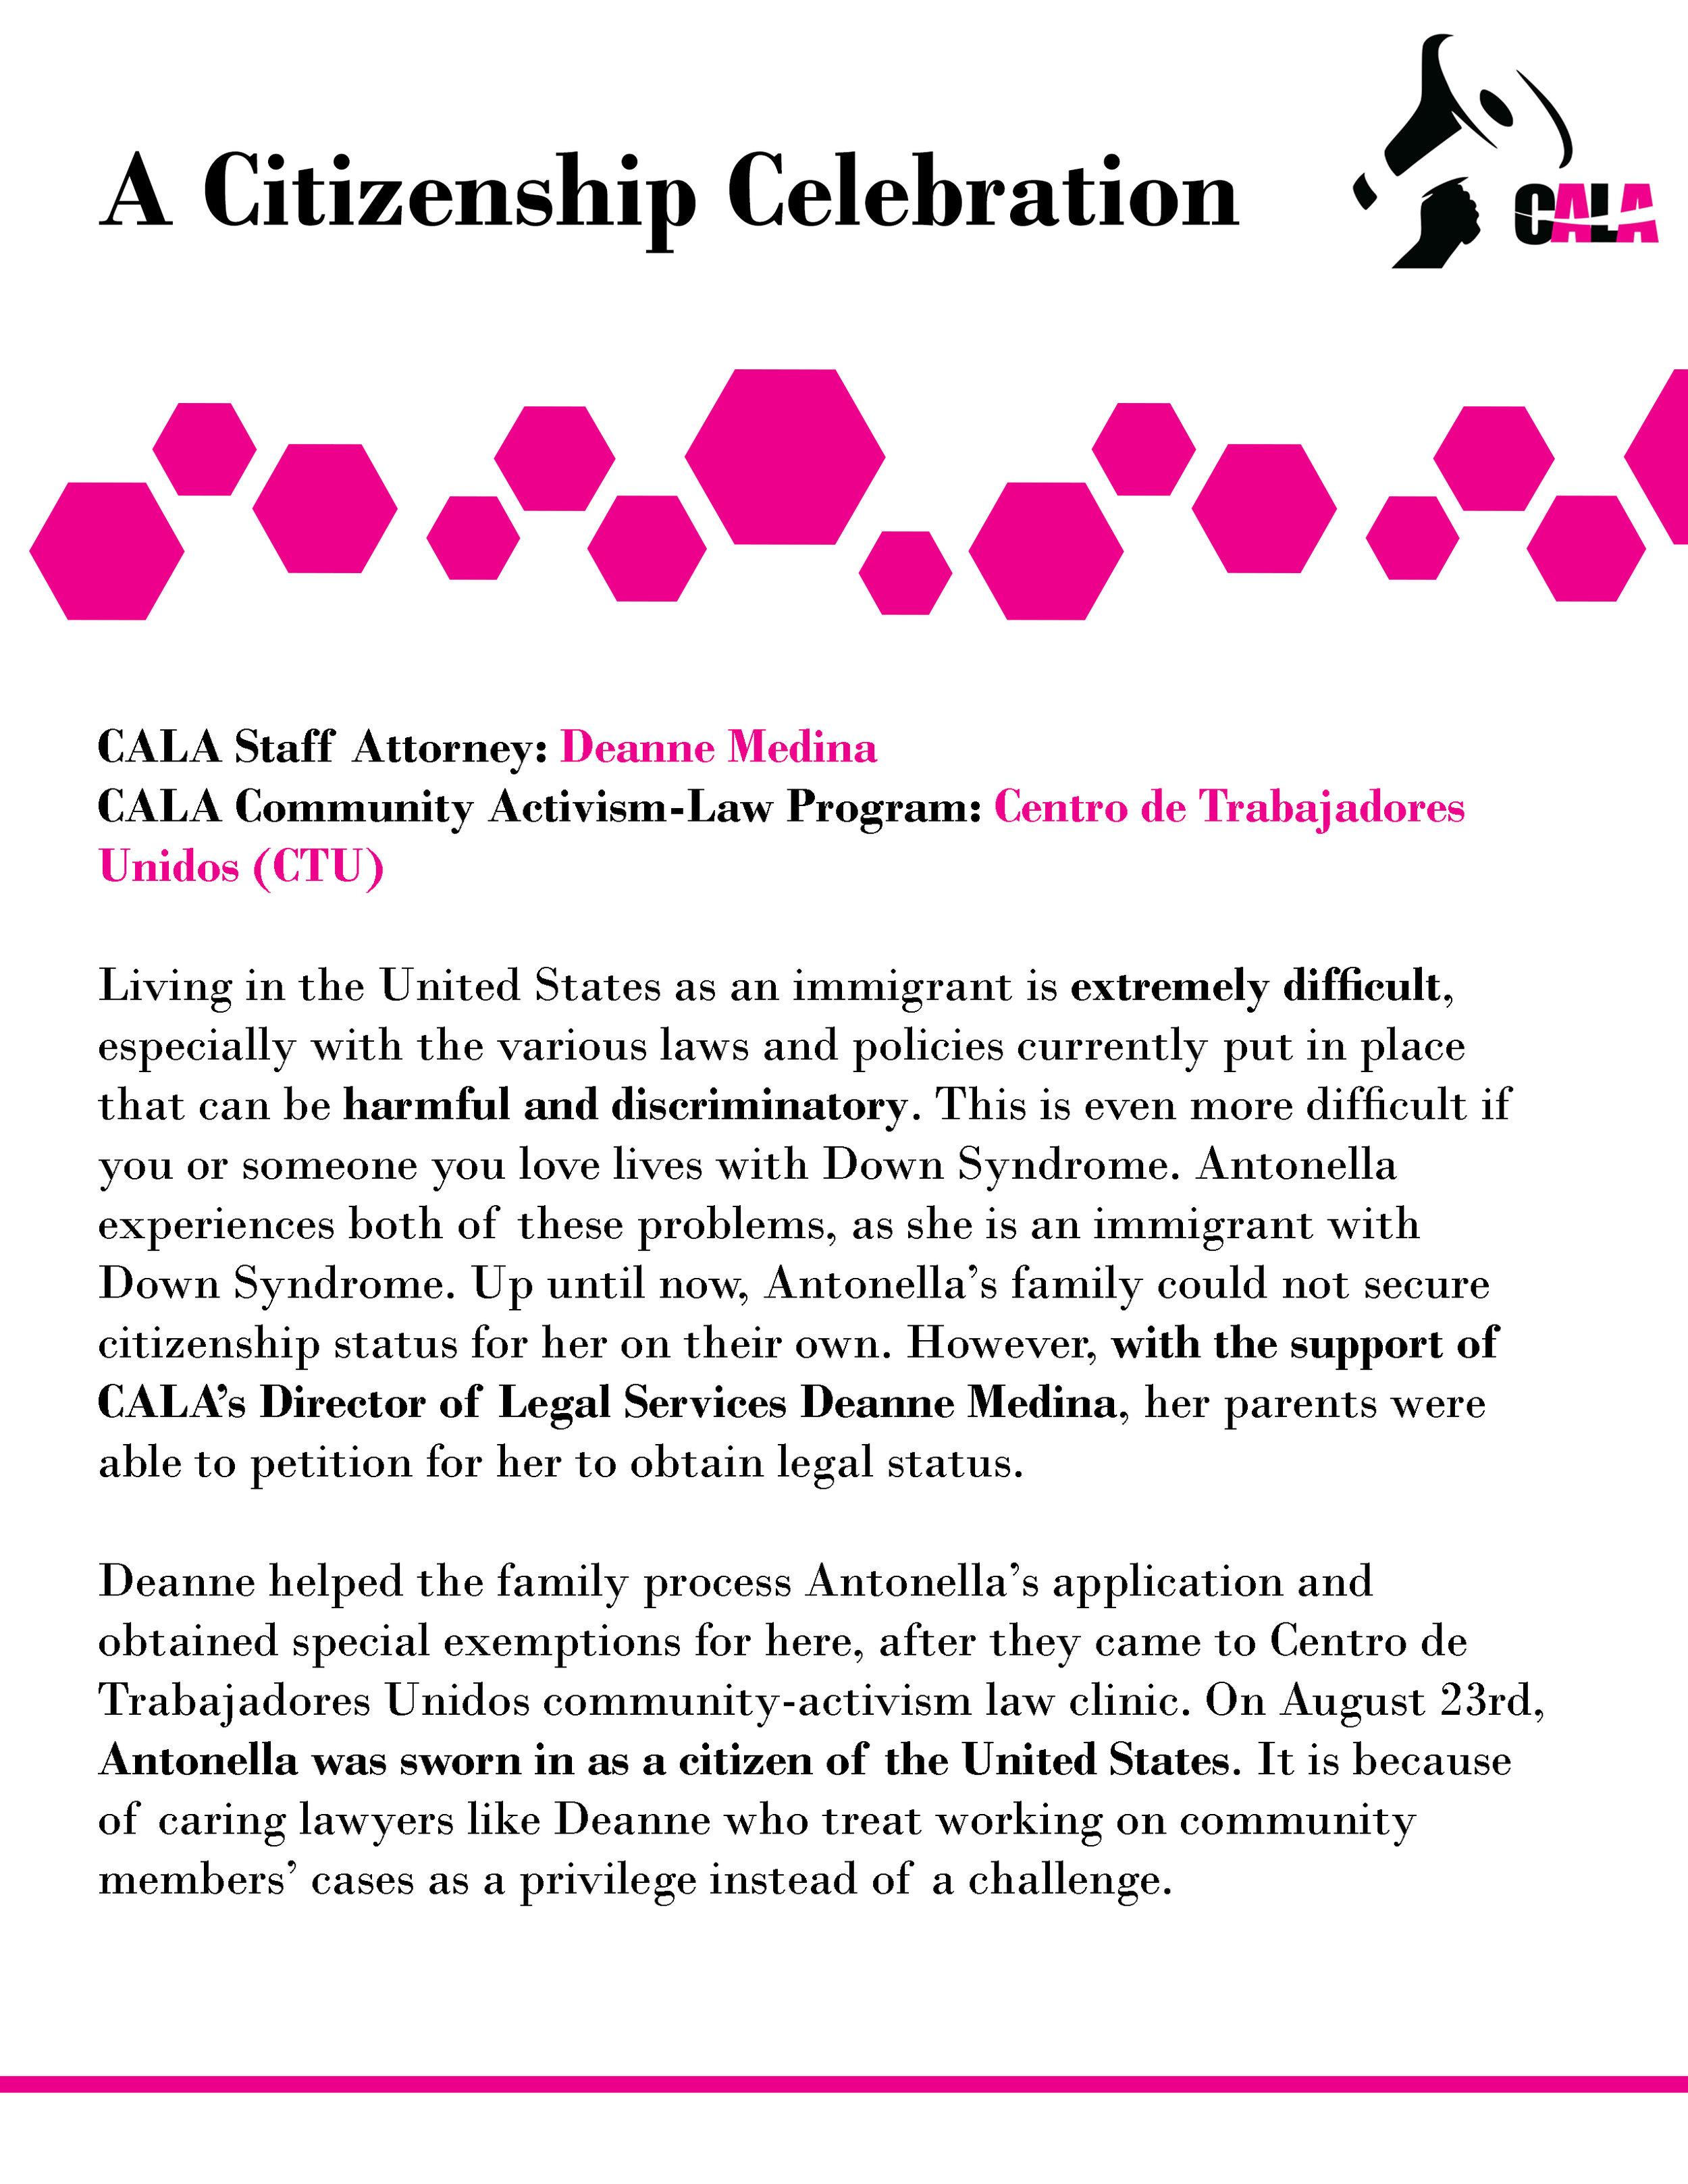 antonella page 1.jpg